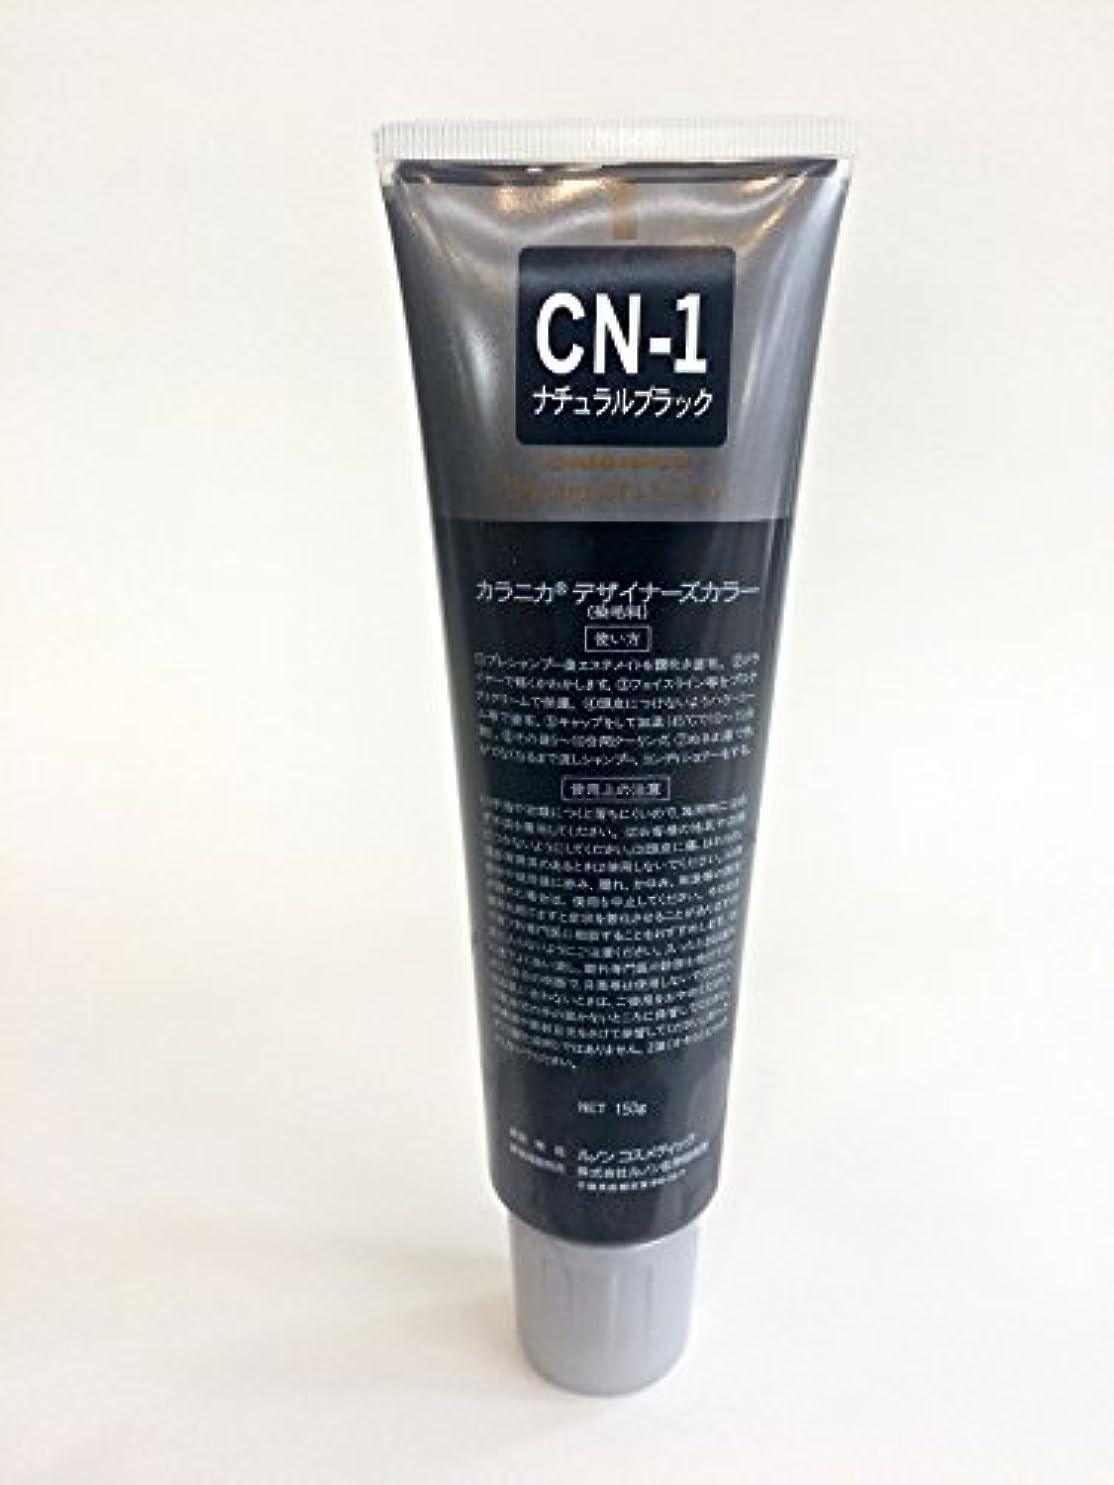 流暢悲しい工業化する日本製!酸性カラータイプ(マニュキュア) デザイナーズカラー 発色性に優れ、ツヤ?感触が良く、色落ちがしにくいカラー剤? (CN-1ナチュラルブラック)